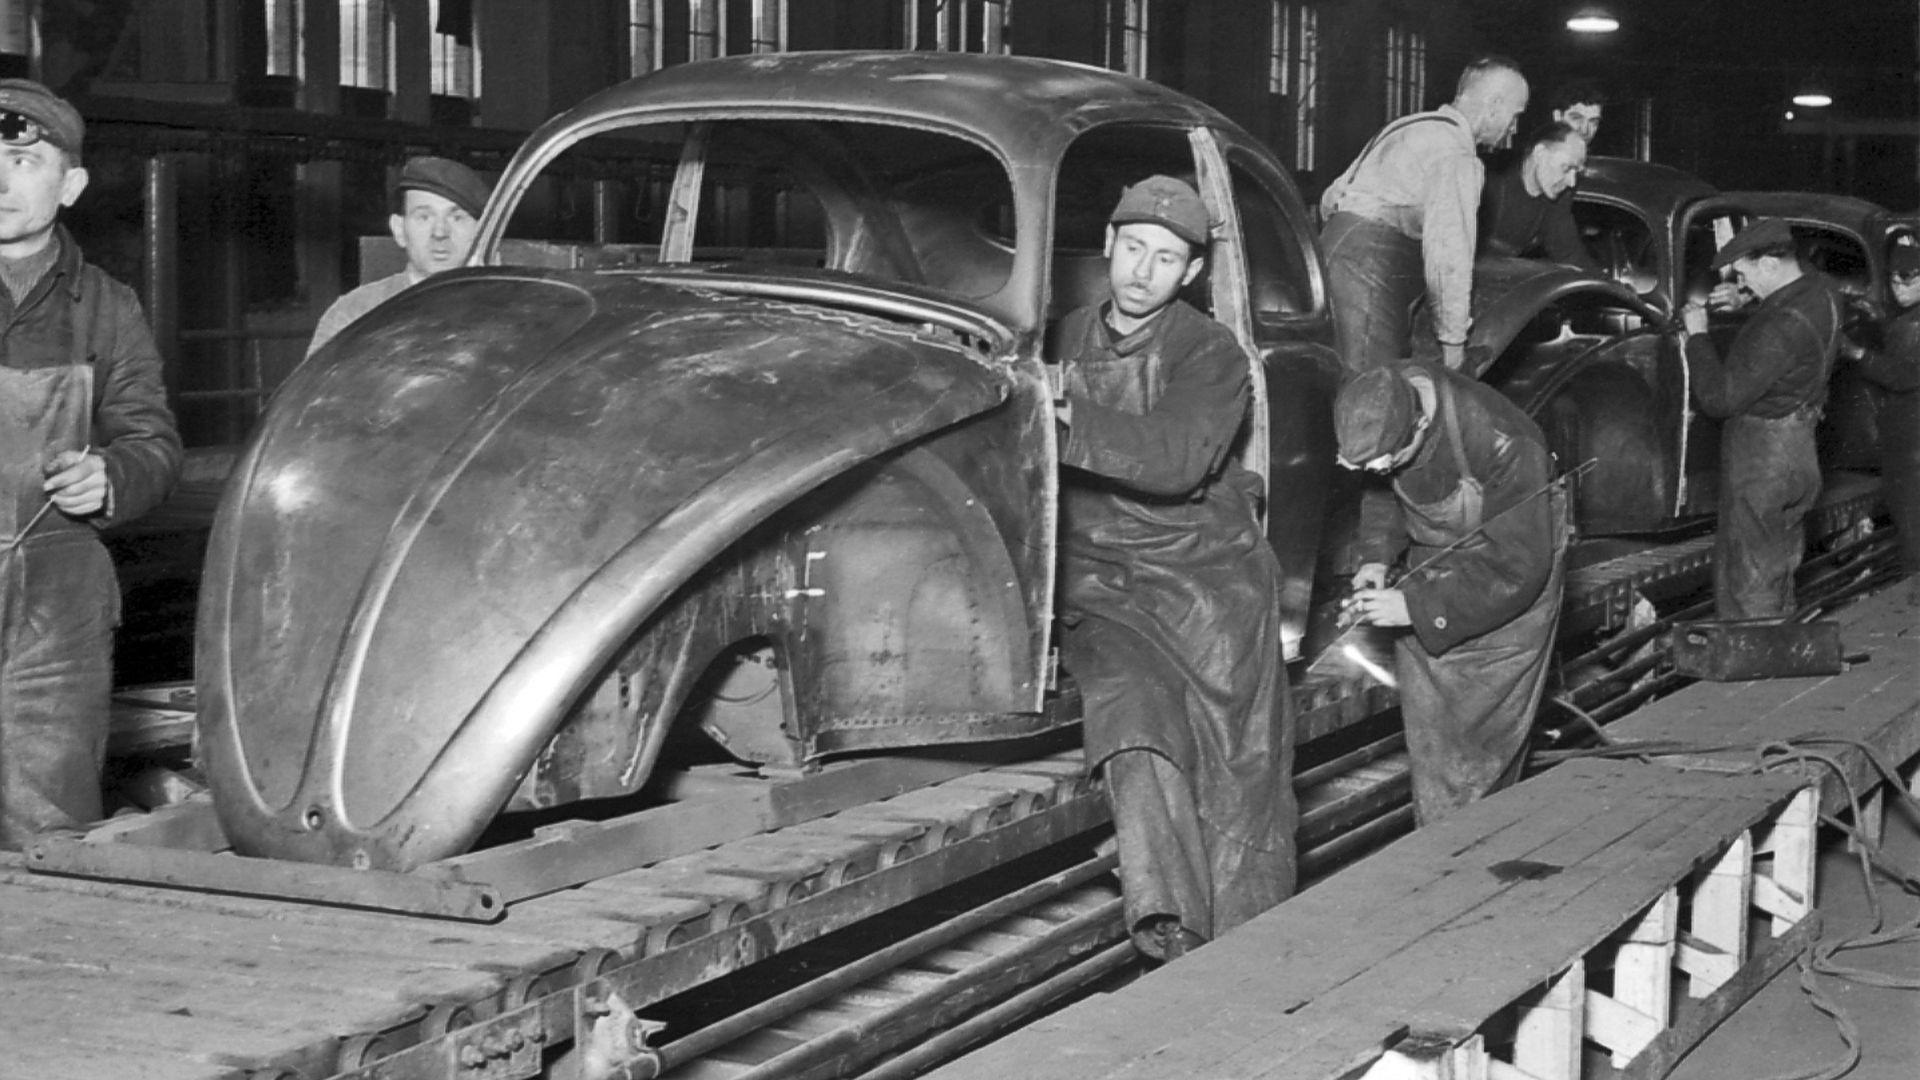 Volkswagen handover to Germany 70 years ago